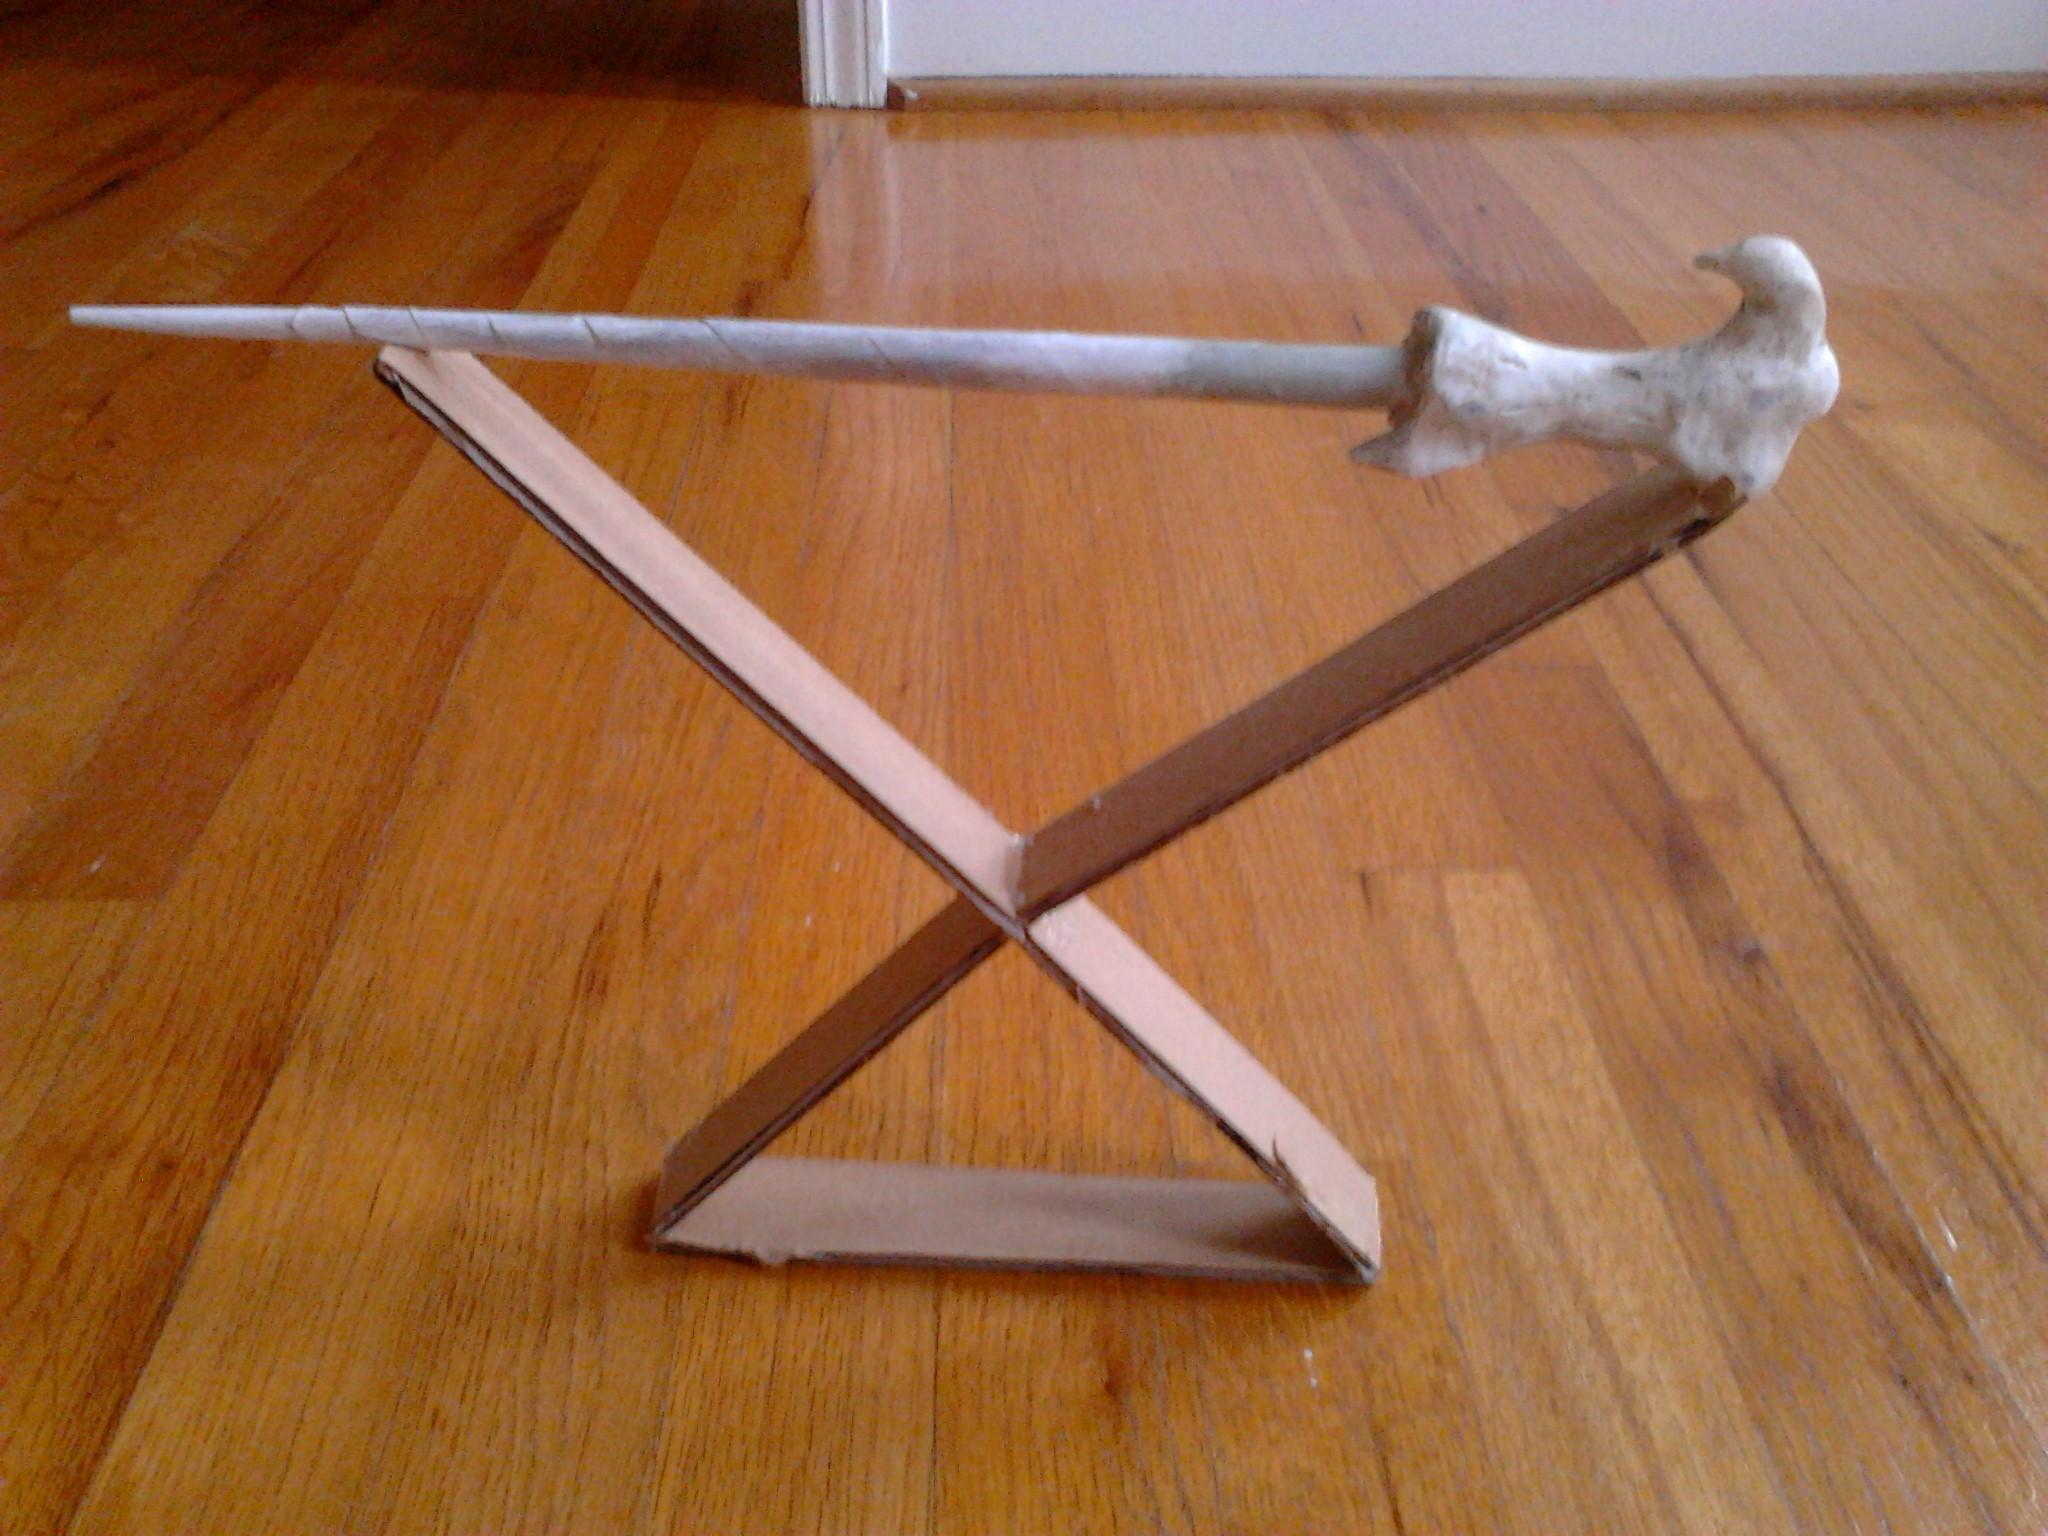 Voldemort's wand